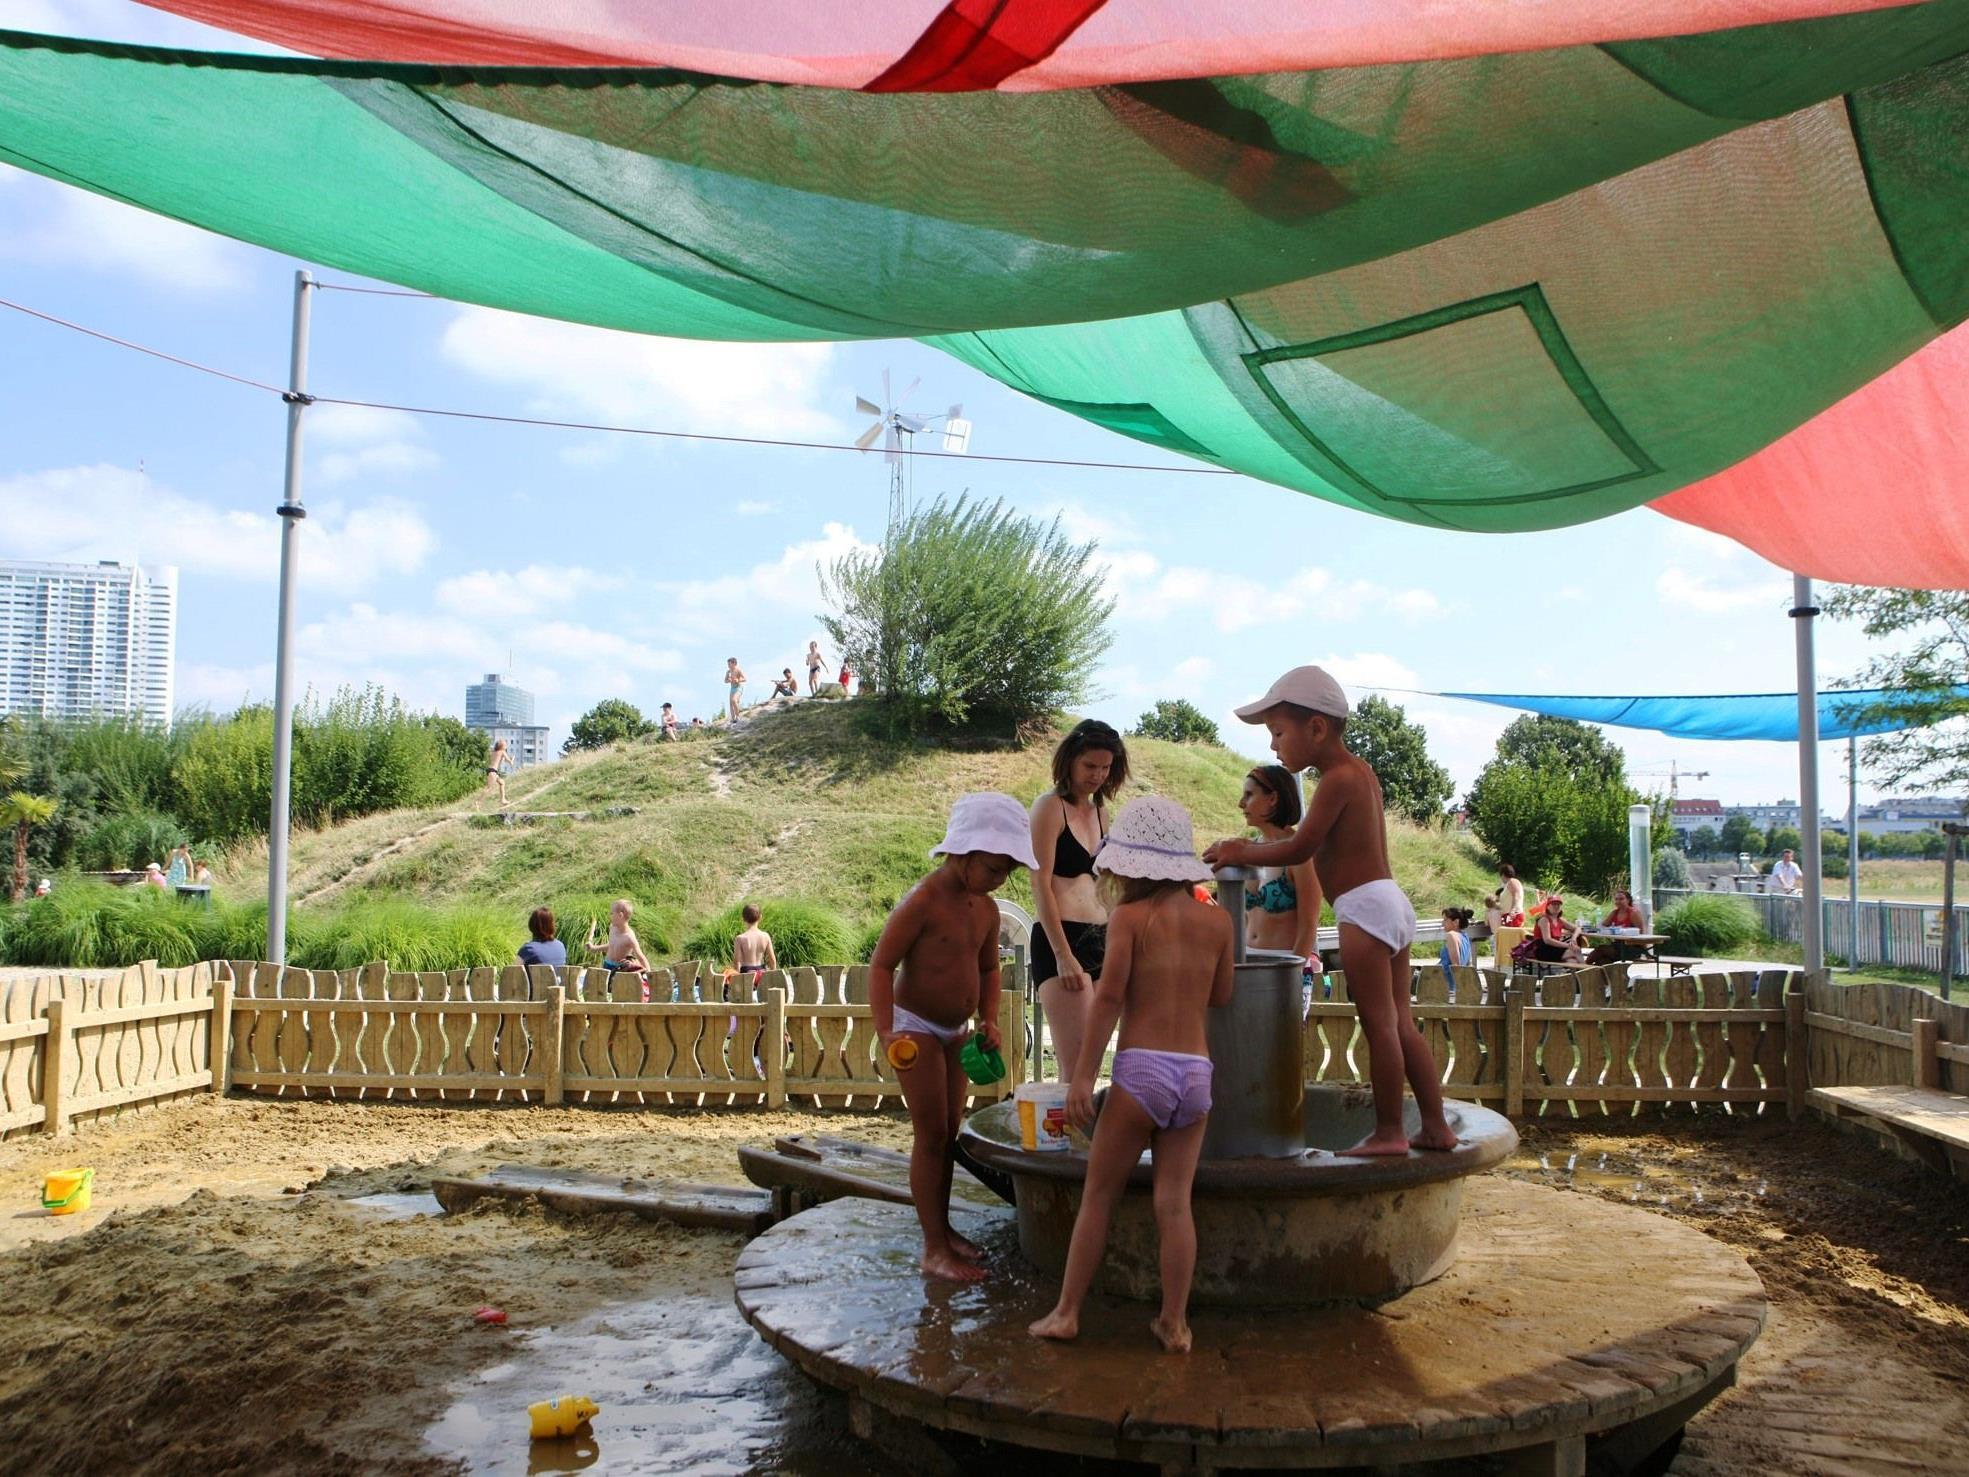 Pritscheln, Plantschen und viel Spaß auf Wiens Wasserspielplätzen